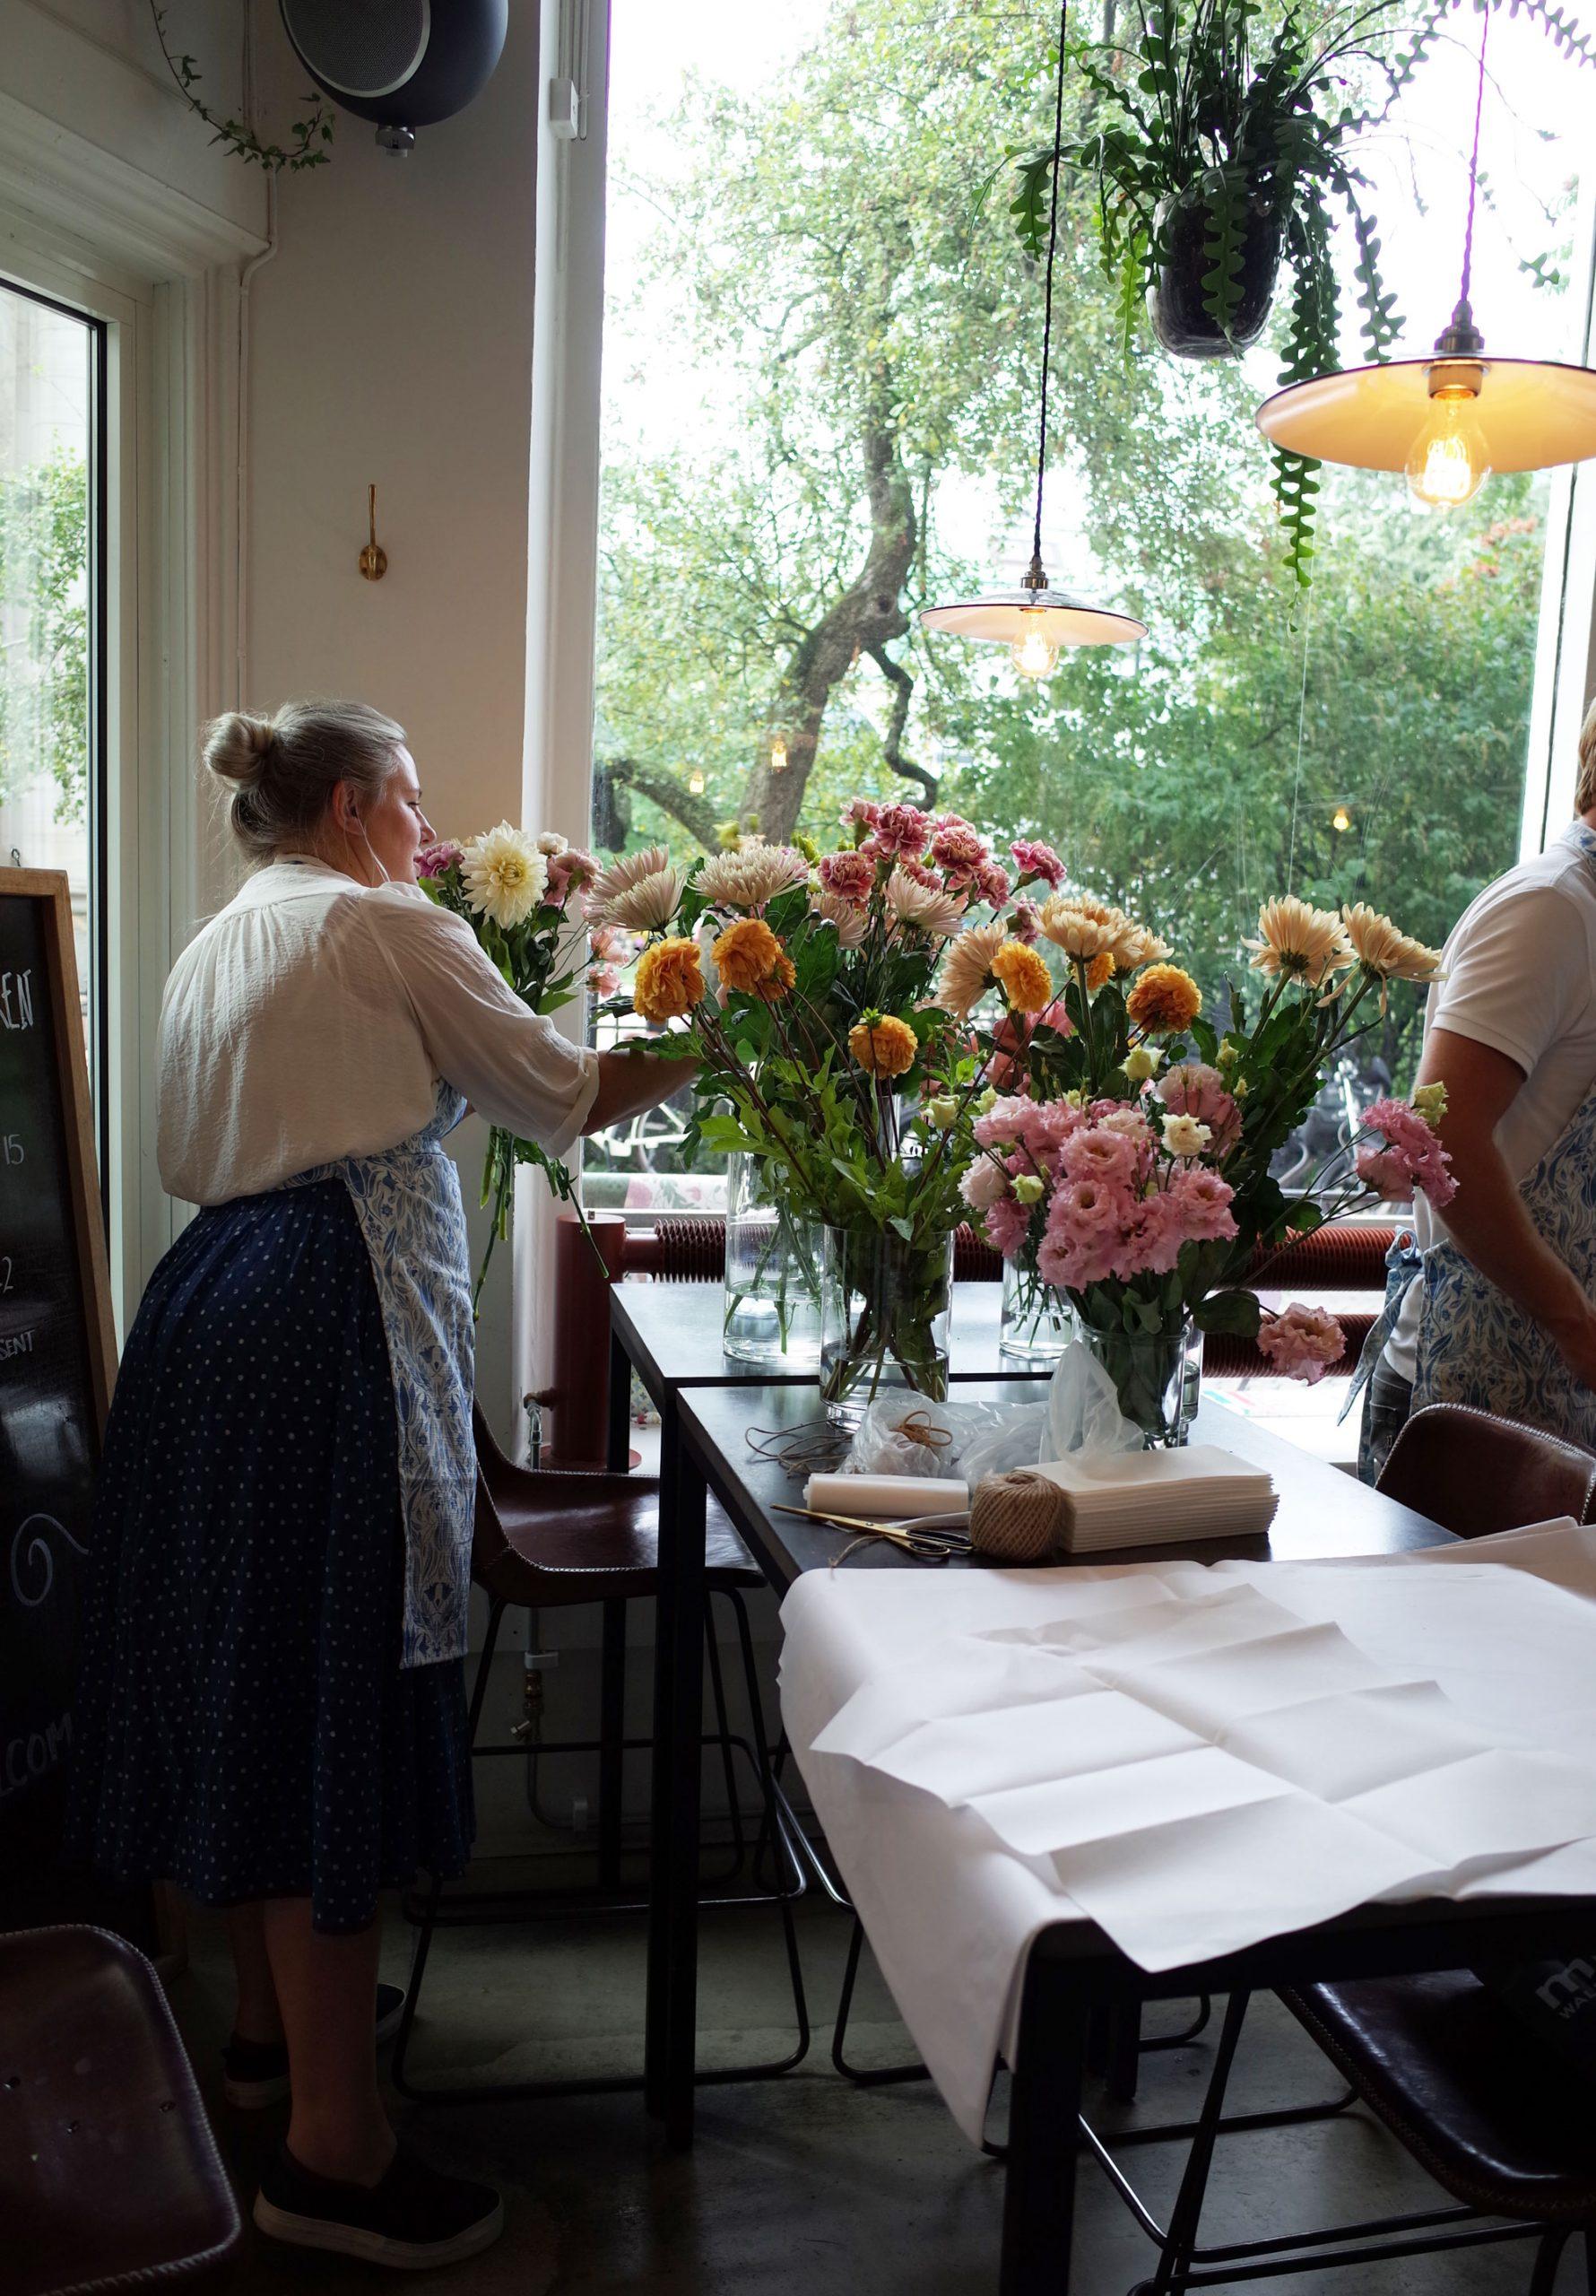 tapetfrukost-hanna-wendelbo-lansering-blomstermåla-midbec-tapeter